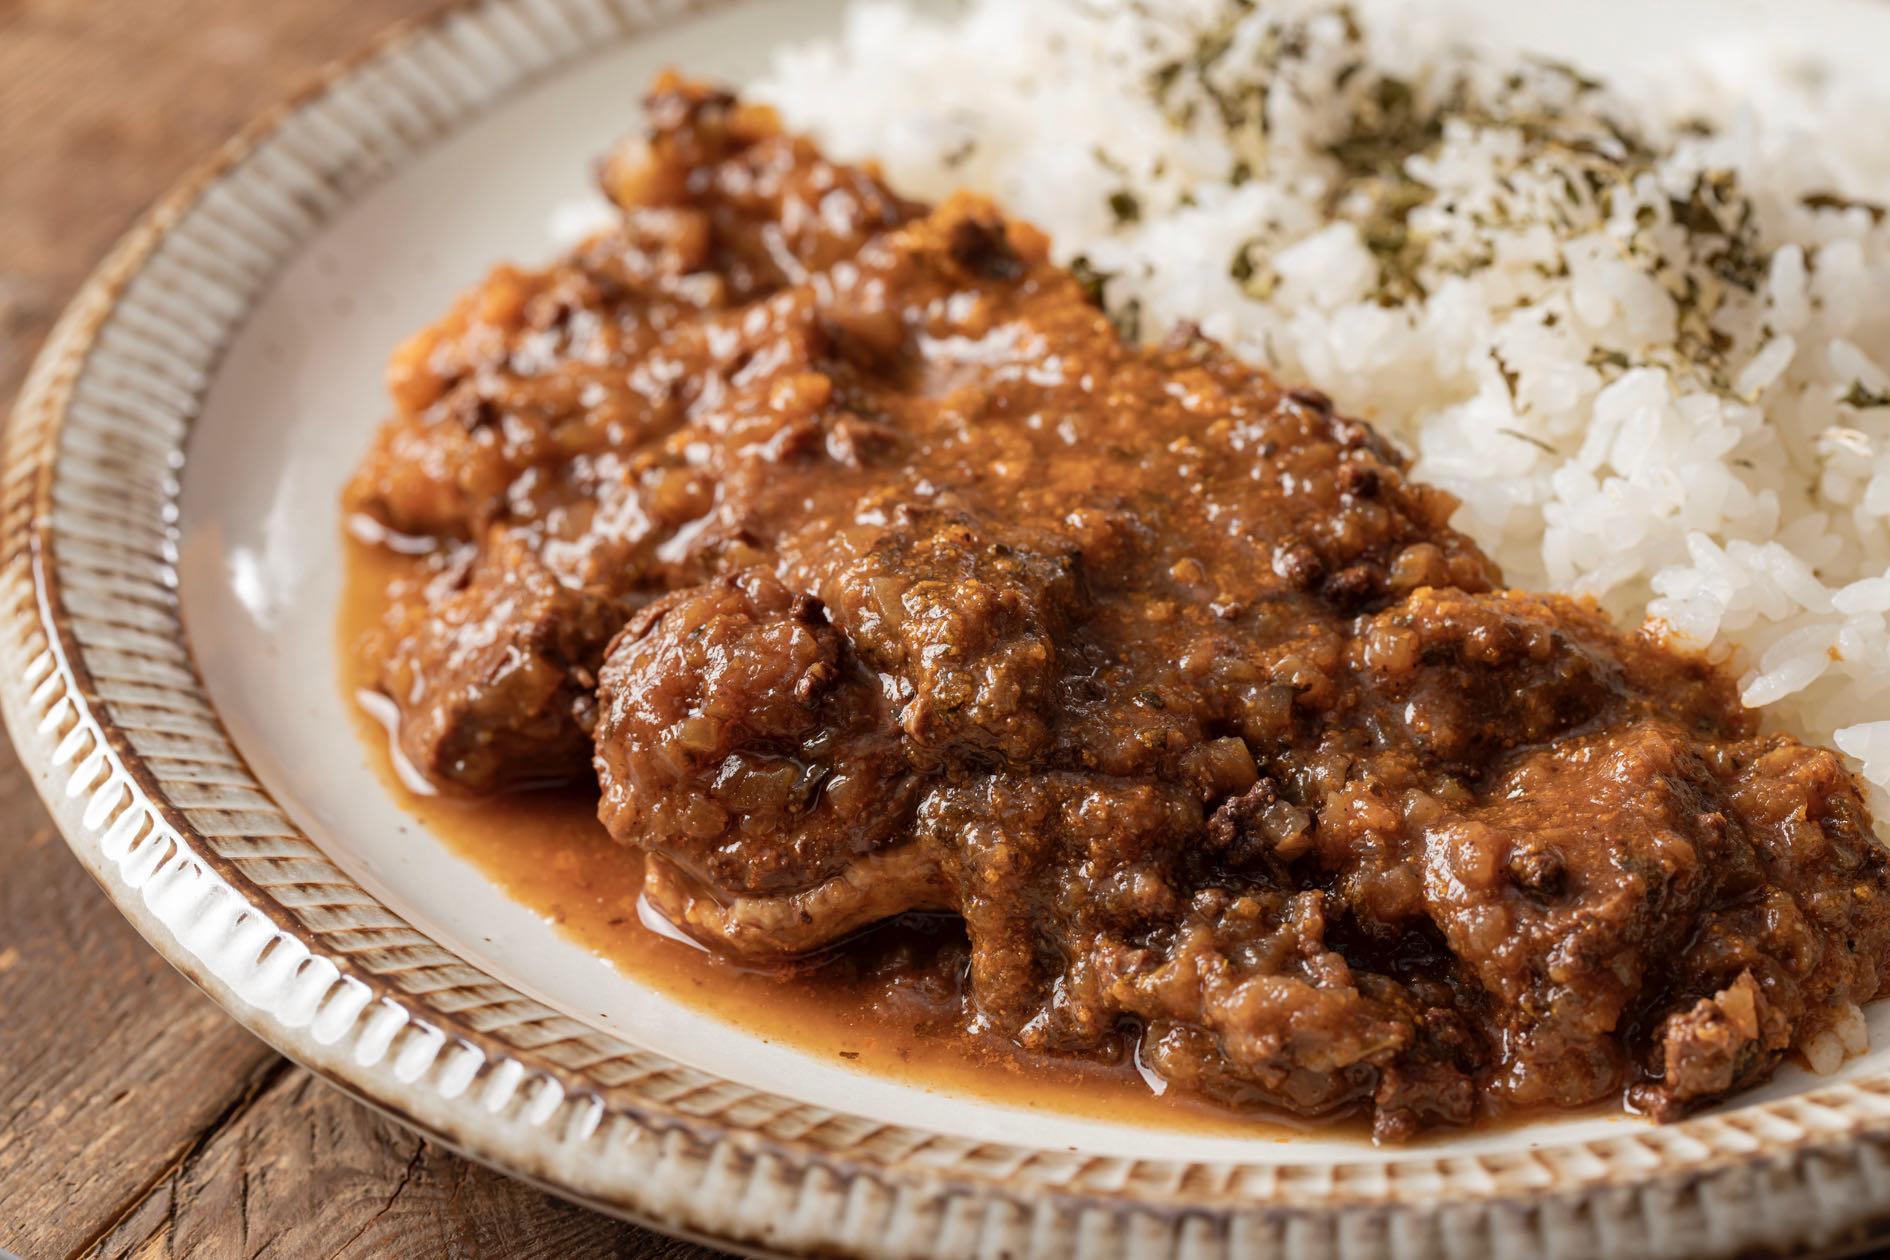 ラム肉を赤ワインで煮込んだ札幌路地裏スープカリィ侍のルーカレー,カレーライス